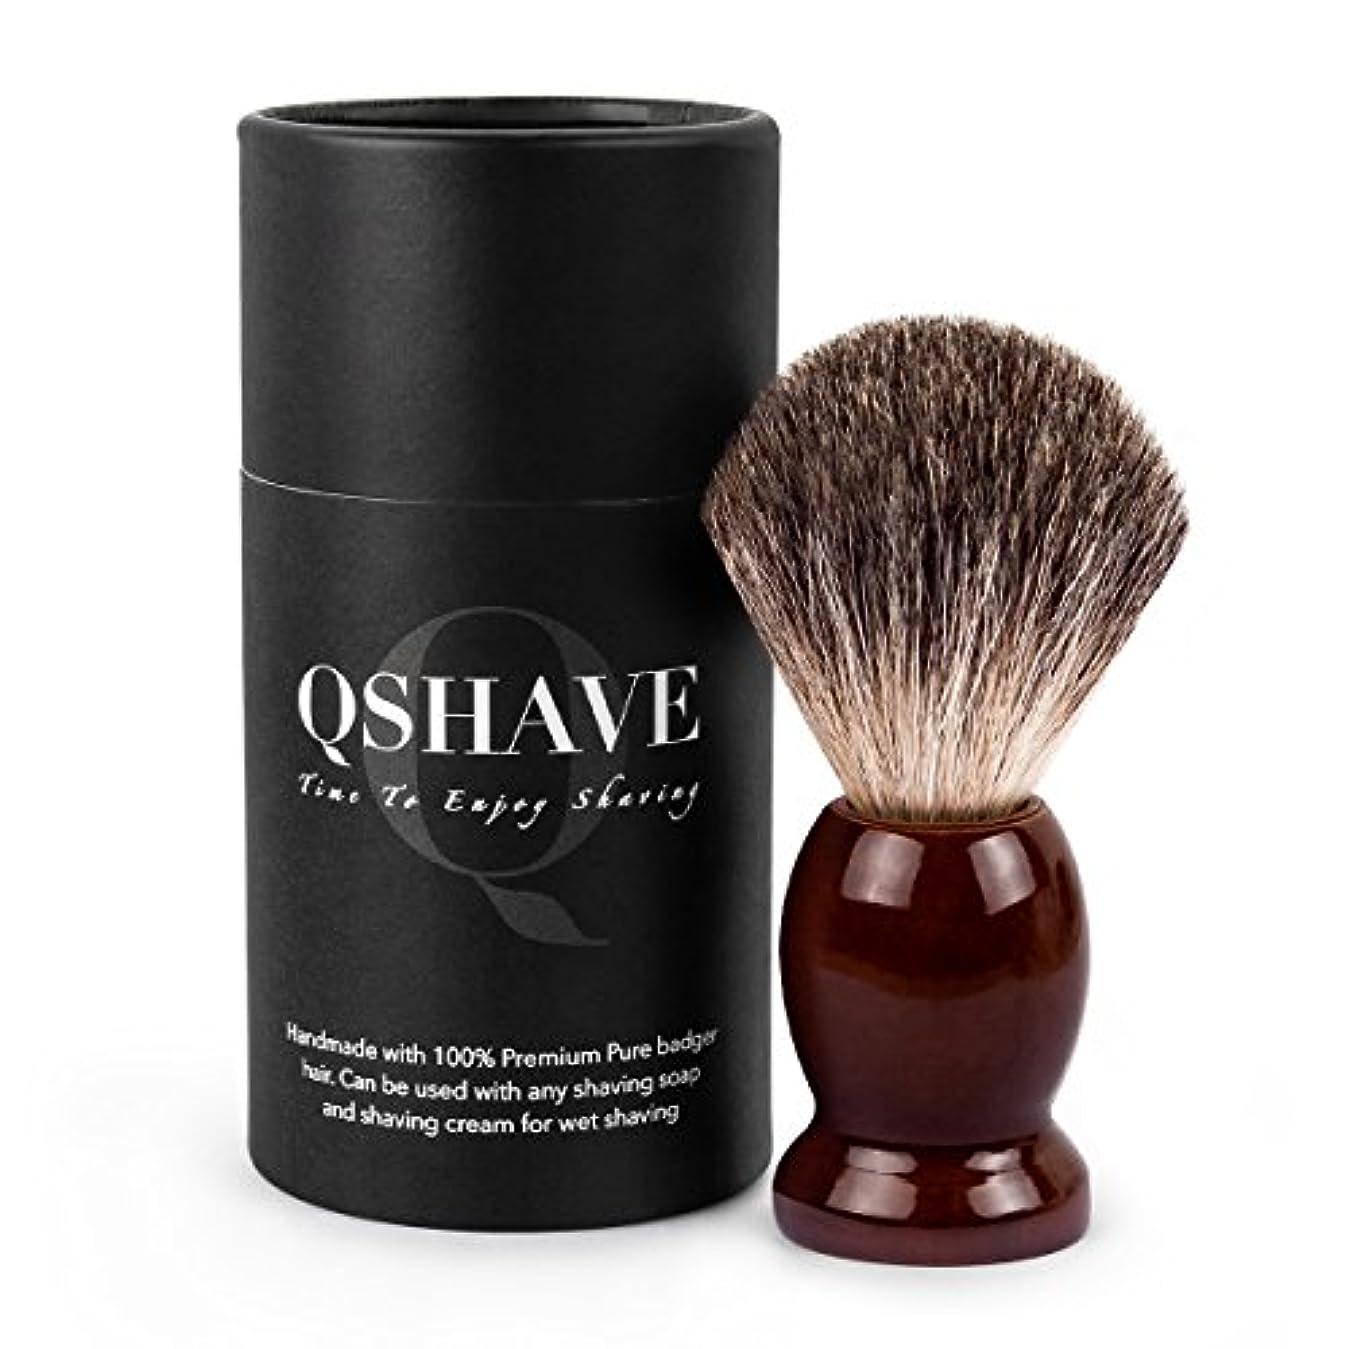 店員愛撫インドQSHAVE 100%最高級アナグマ毛オリジナルハンドメイドシェービングブラシ。木製ベース。ウェットシェービング、安全カミソリ、両刃カミソリに最適